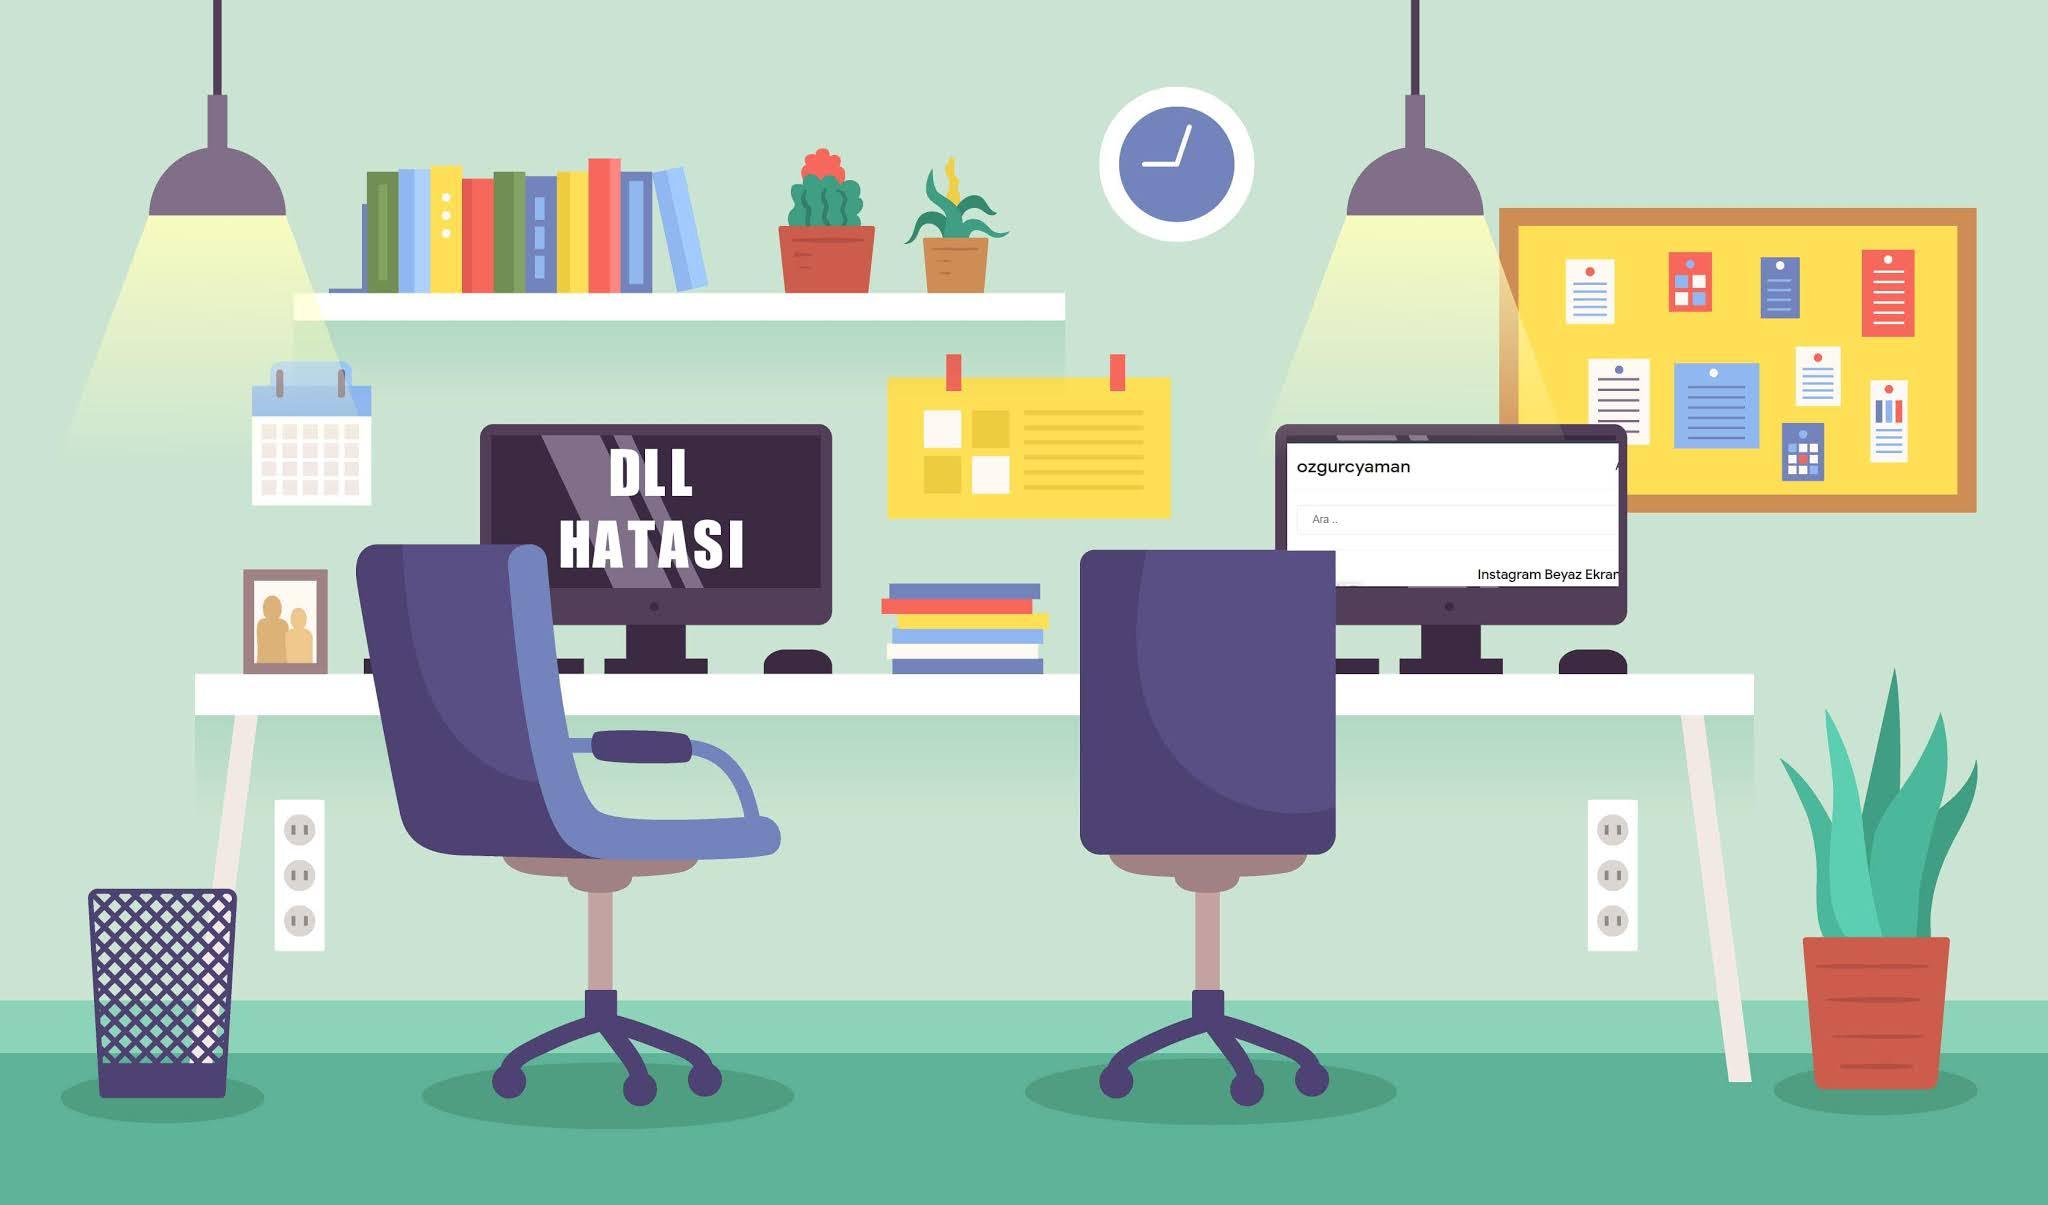 DLL Hatası Çözümü ve DLL Programı